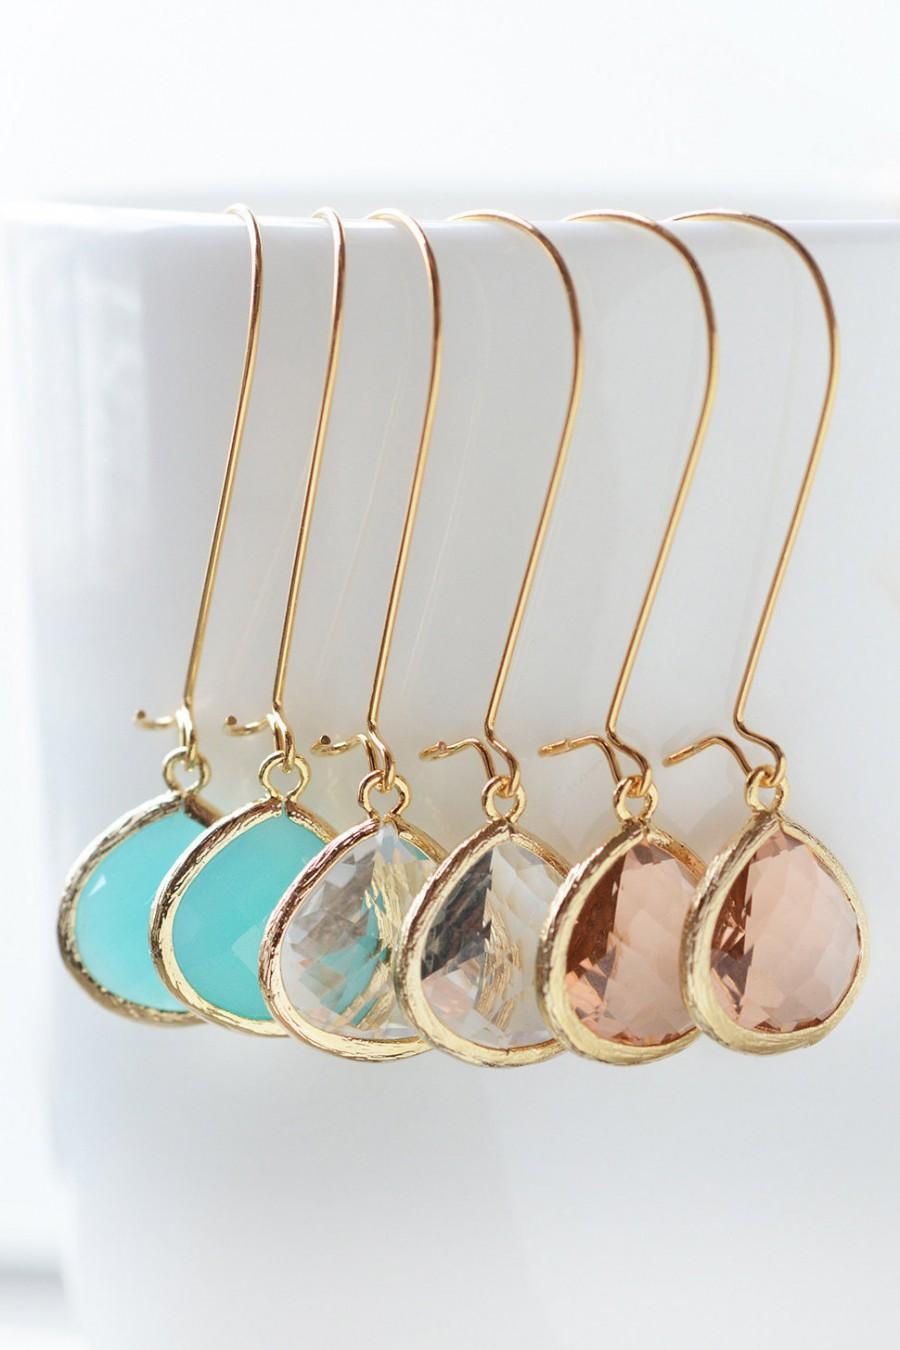 زفاف - Bridal Jewelry Bridal Earrings, Mint Earrings, Peach Earrings, Crystal Drop Earrings Dangle Earrings Wedding Party Limonbijoux